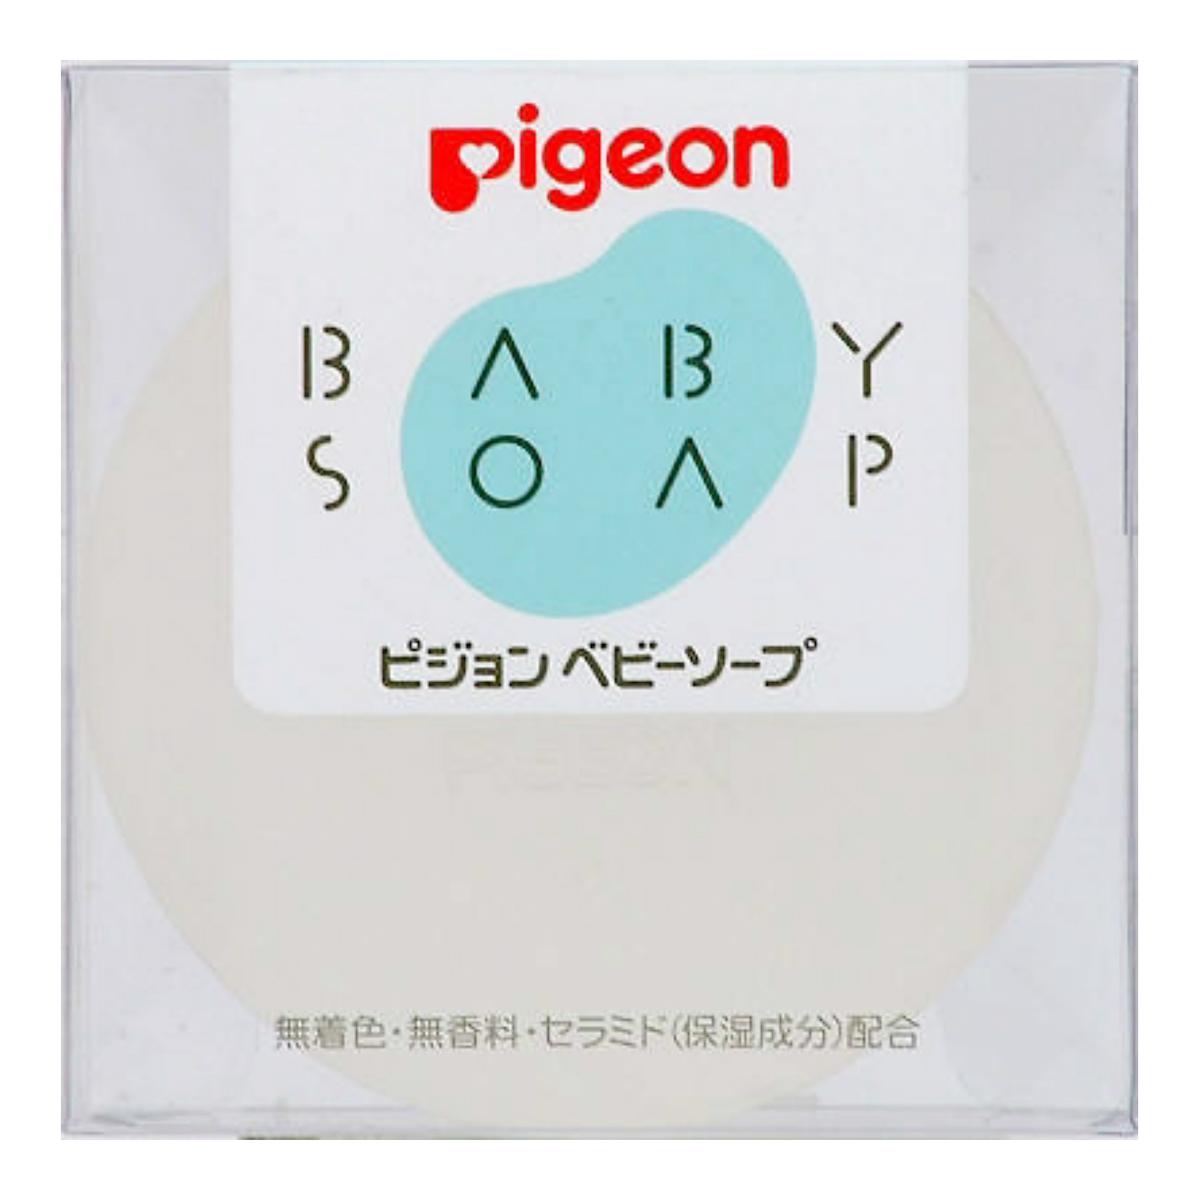 【送料無料・まとめ買い×080】ピジョン ベビーソープ 替 90g ×080点セット(4902508081726)